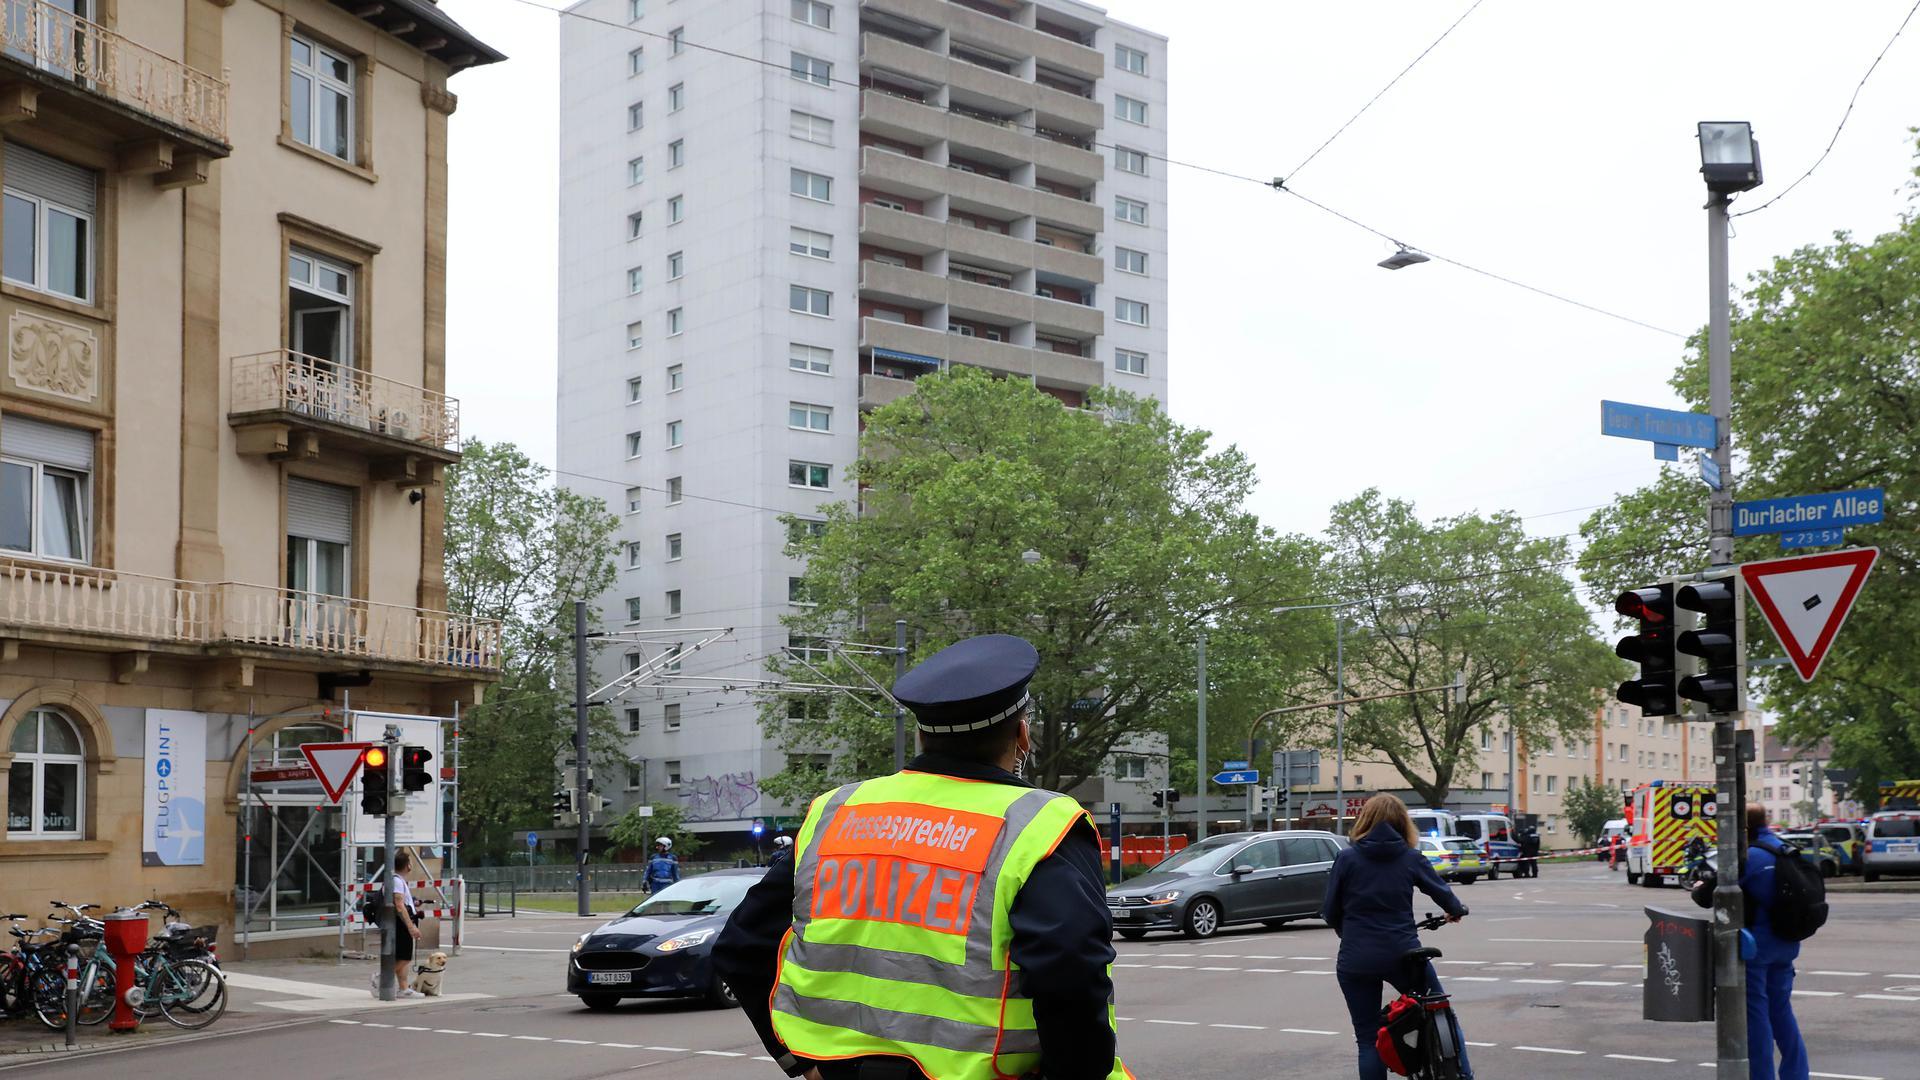 Großer Polizeieinsatz in der Wolfartsweierer Straße / Durlacher Allee